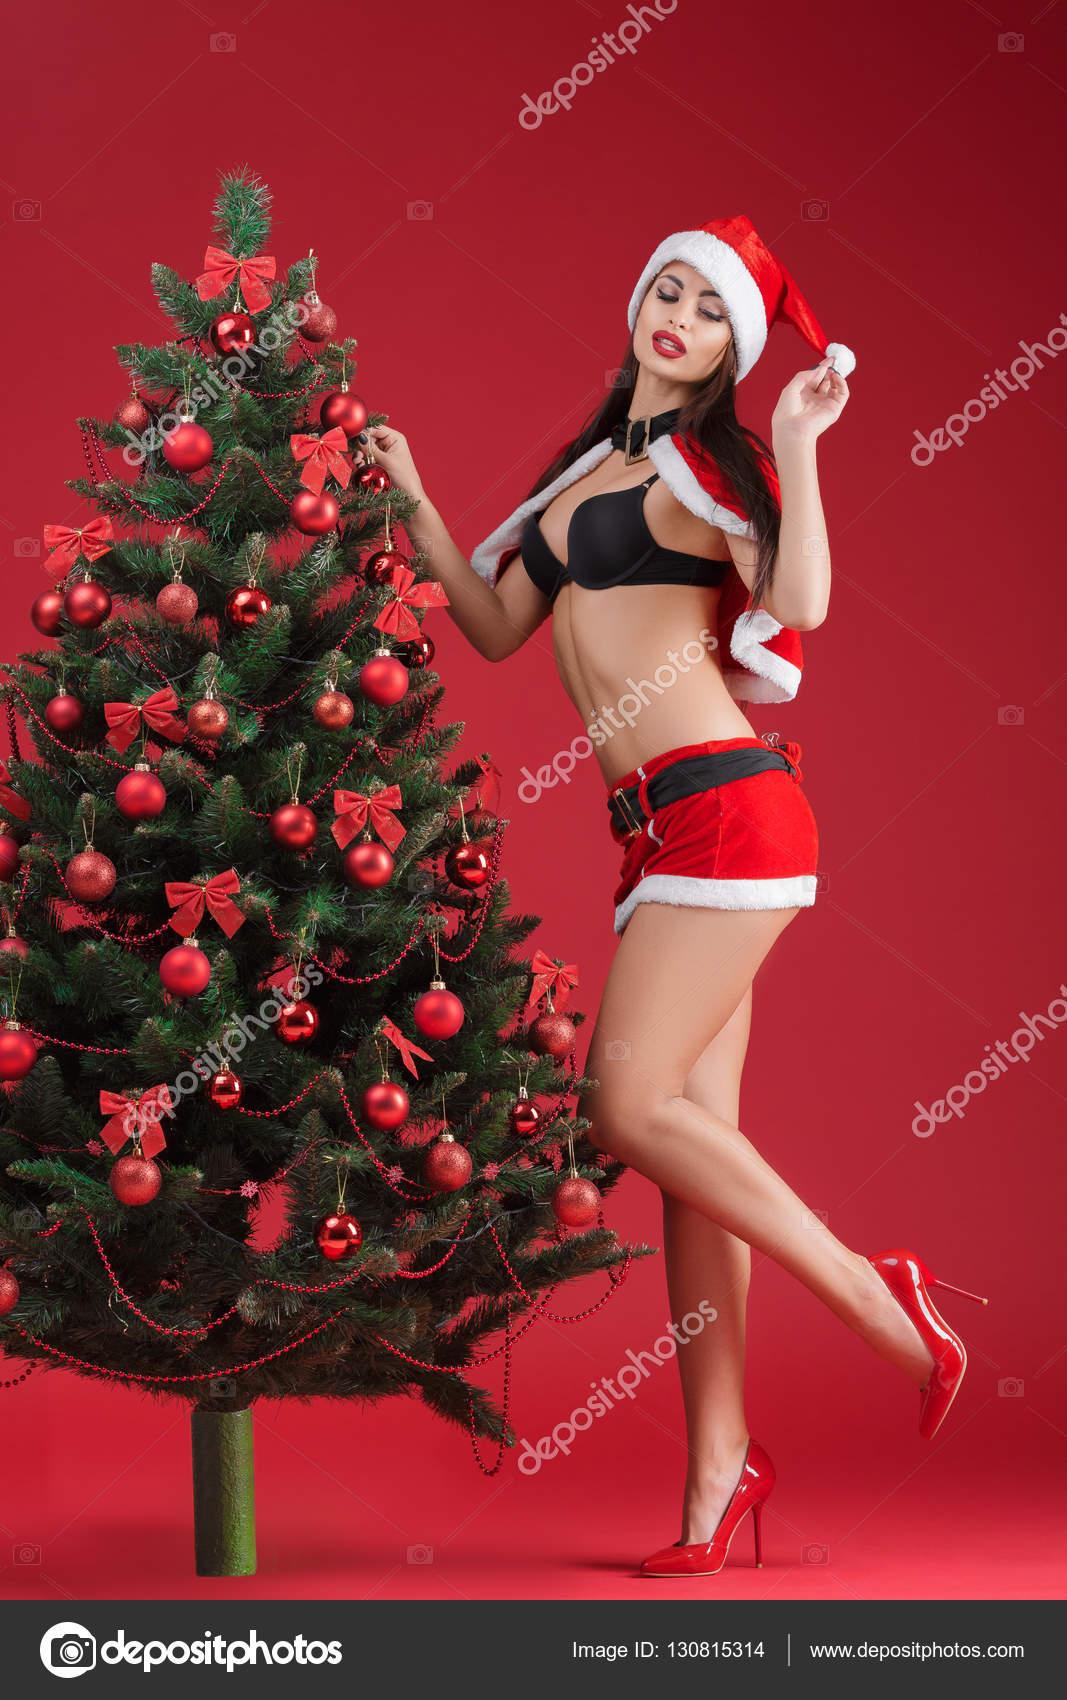 Foto Di Natale Con Donne.Donne In Vestiti Del Babbo Natale Vicino All Albero Di